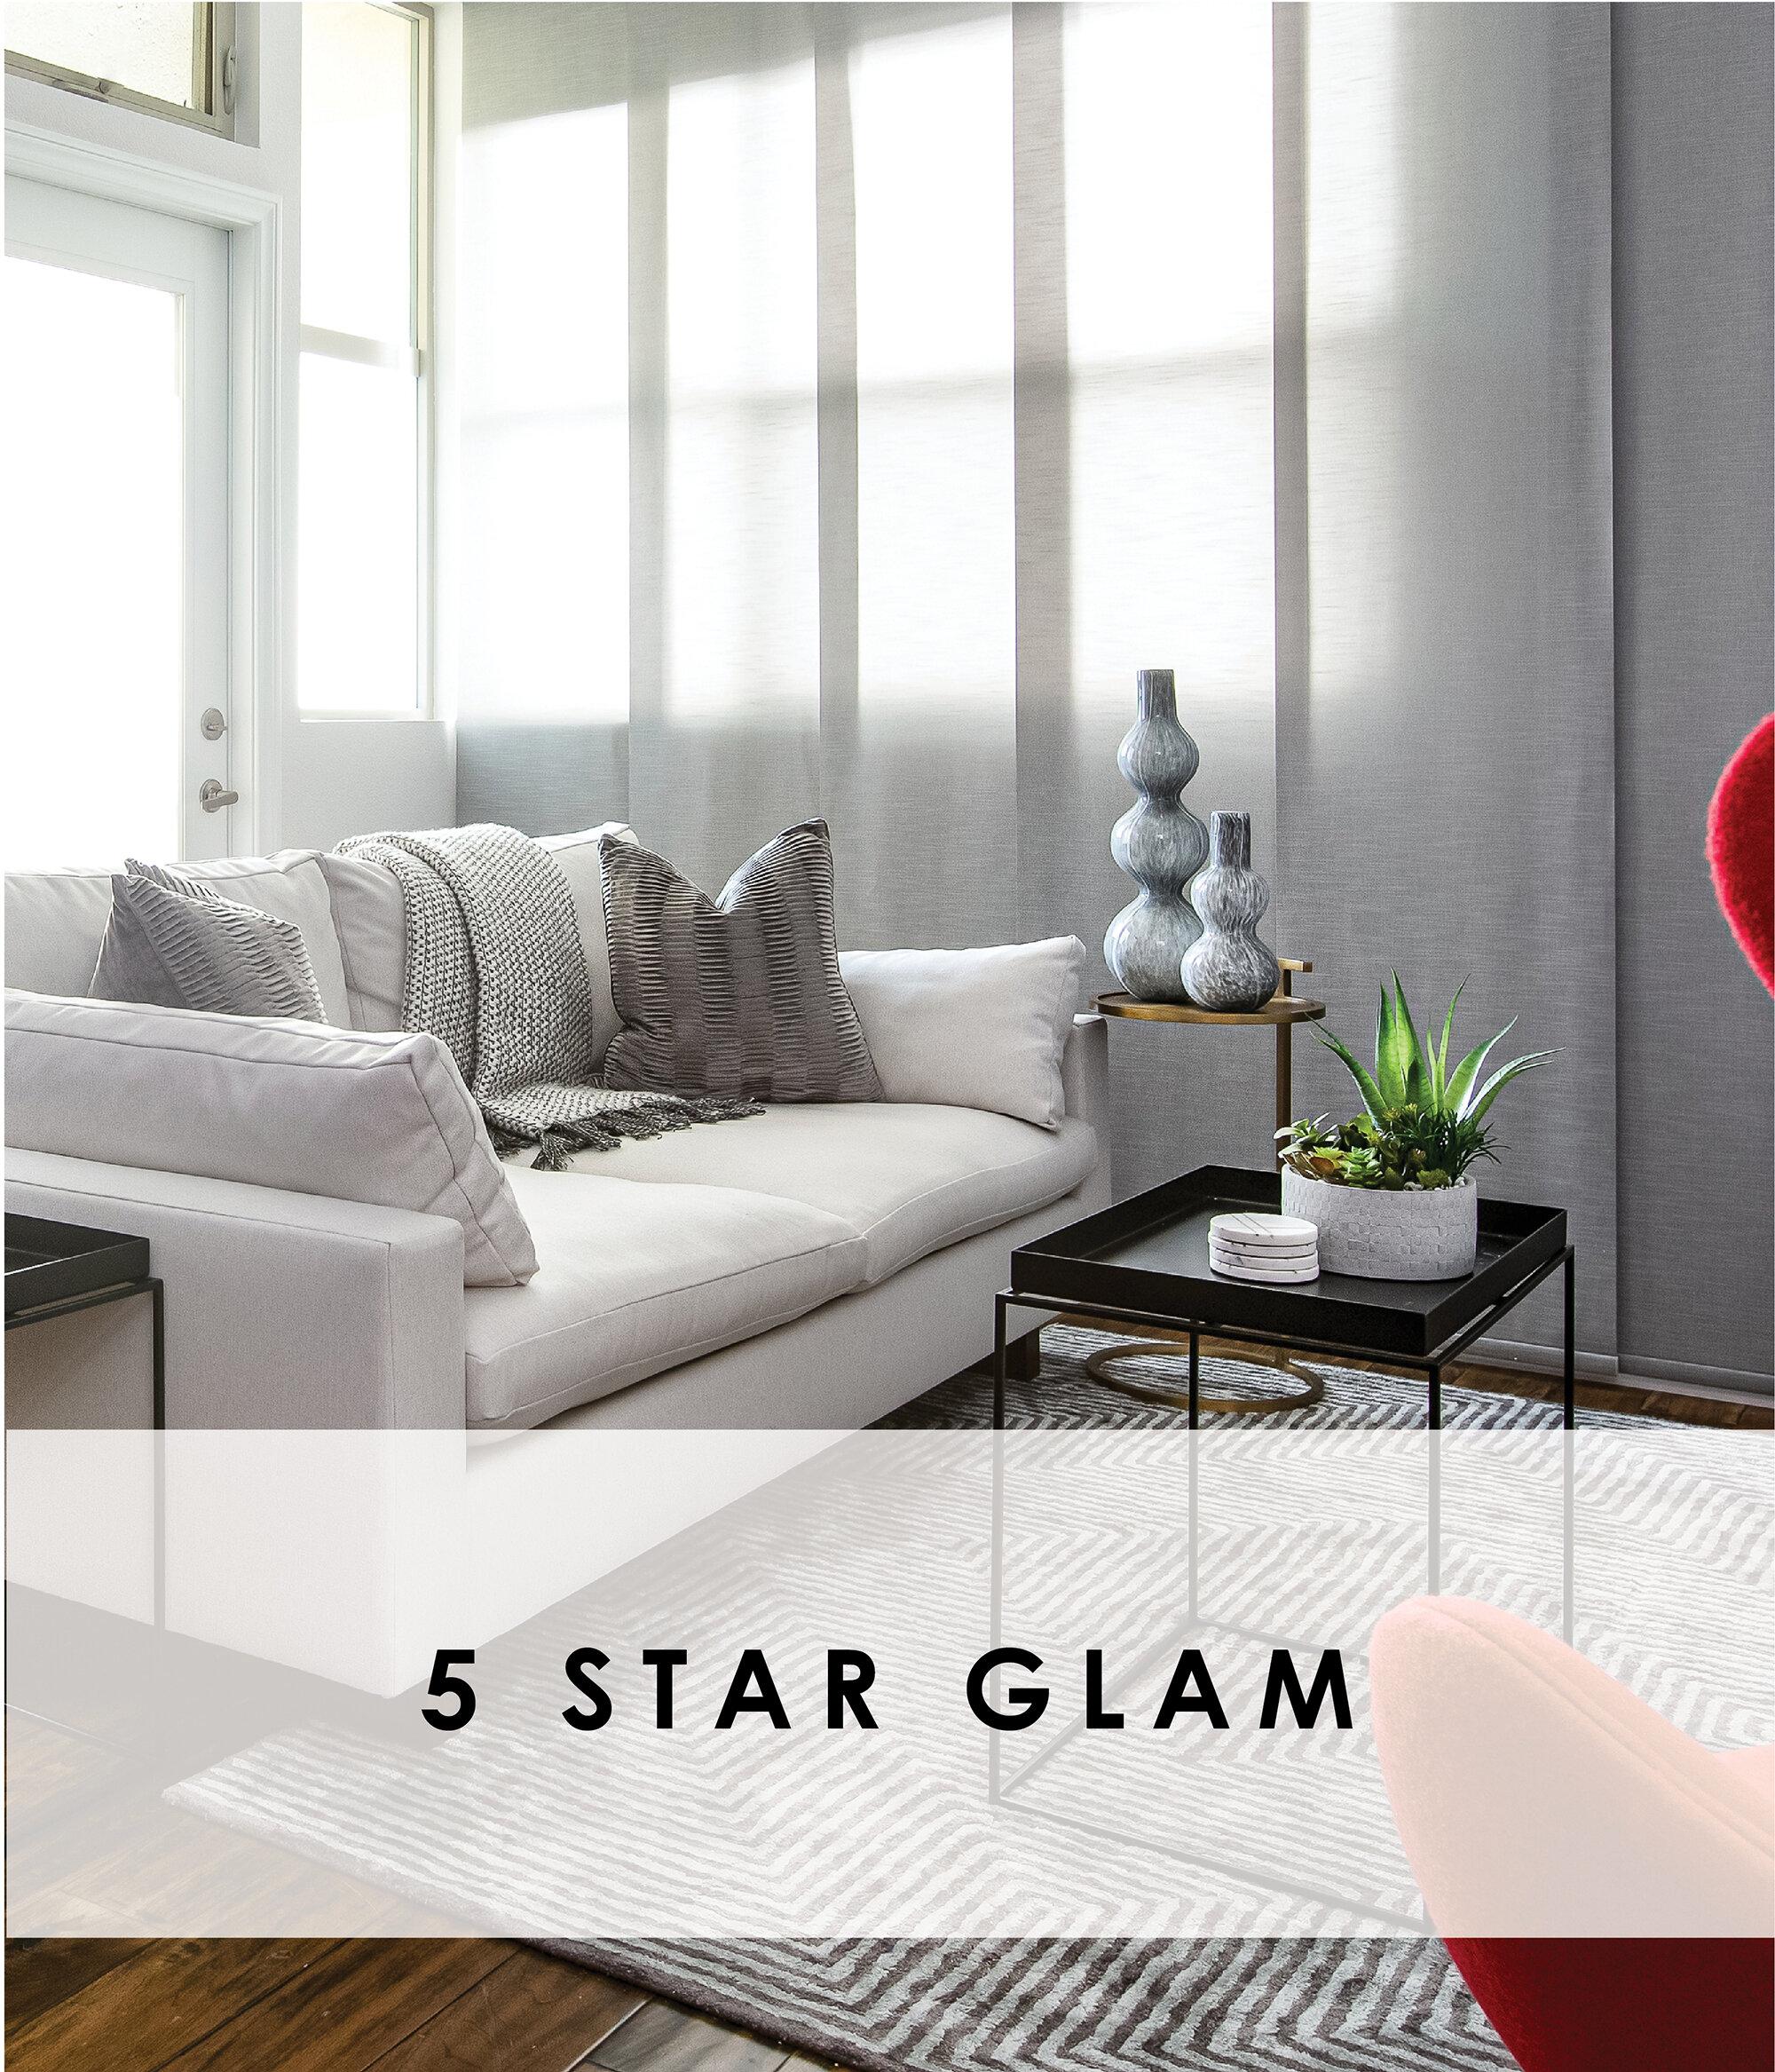 5 Star Glam .jpg